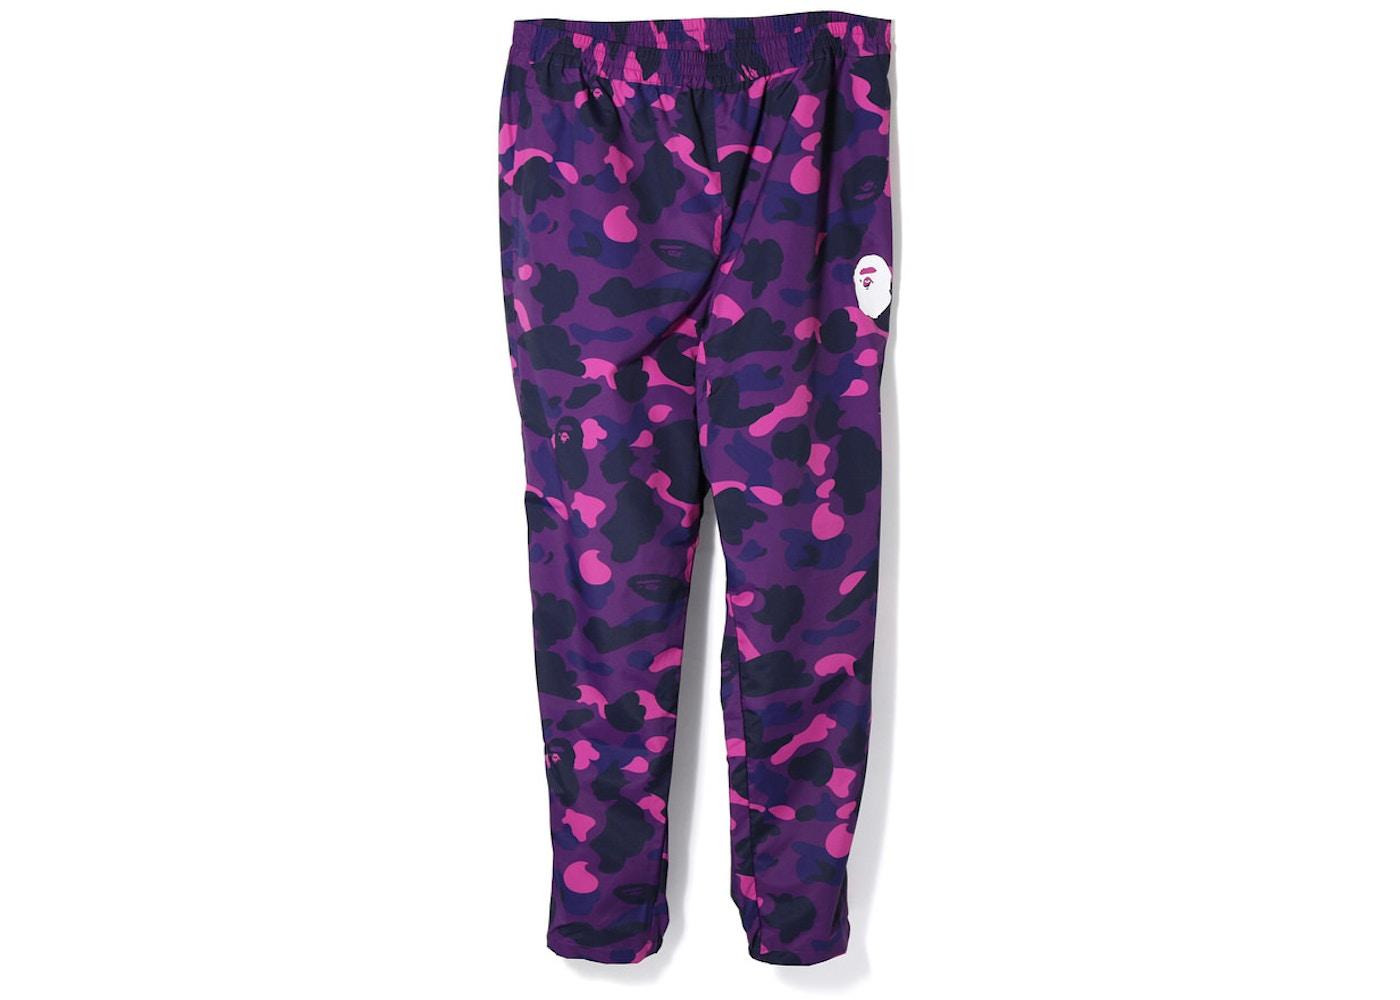 eb81f9a46f2a BAPE Color Camo Track Pants Purple - SS18